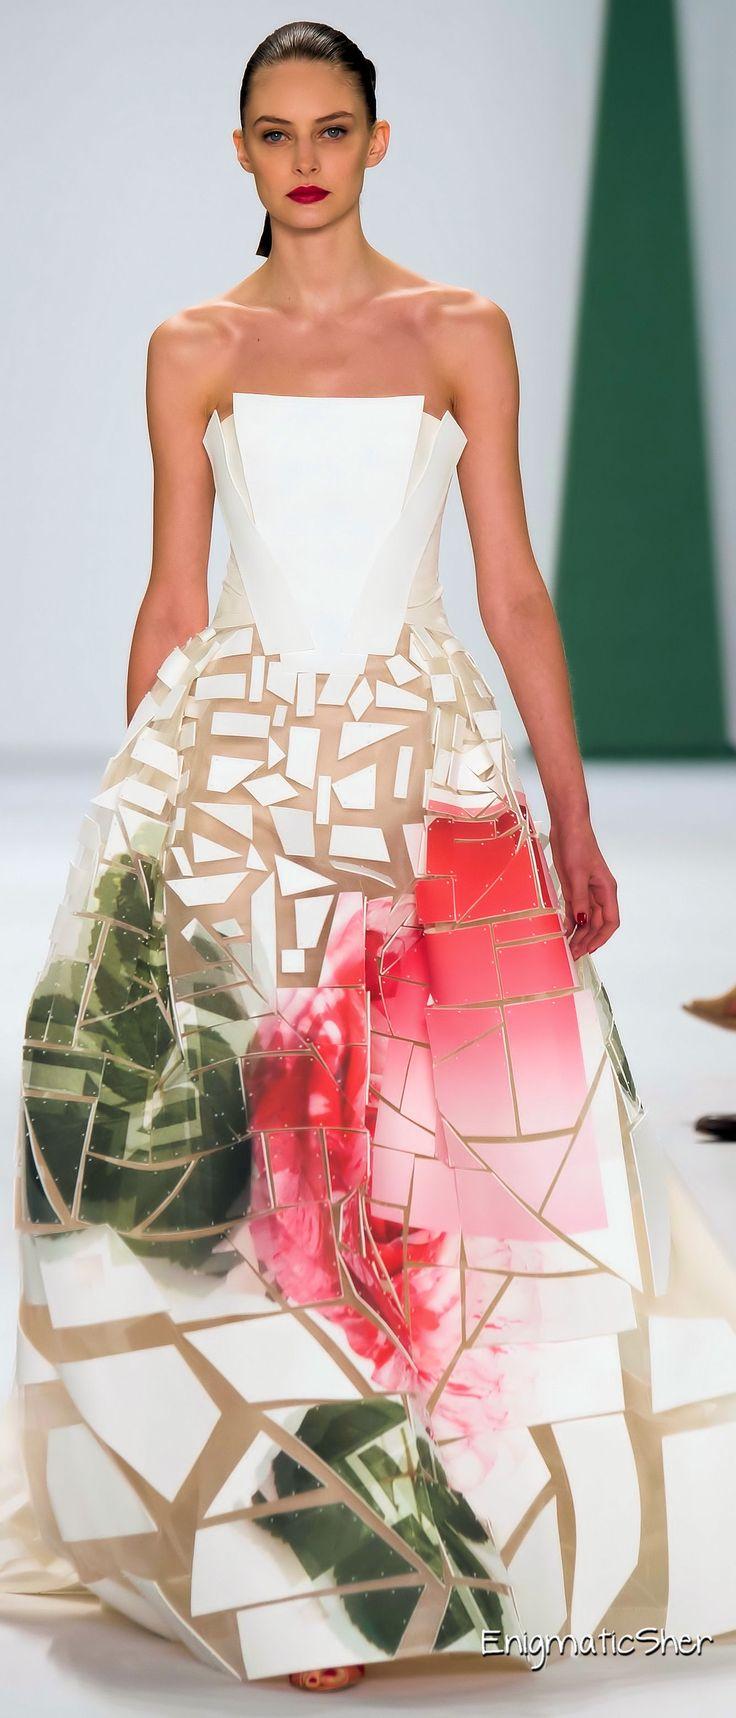 Mejores 645 imágenes de Carolina Herrera en Pinterest | Alta costura ...